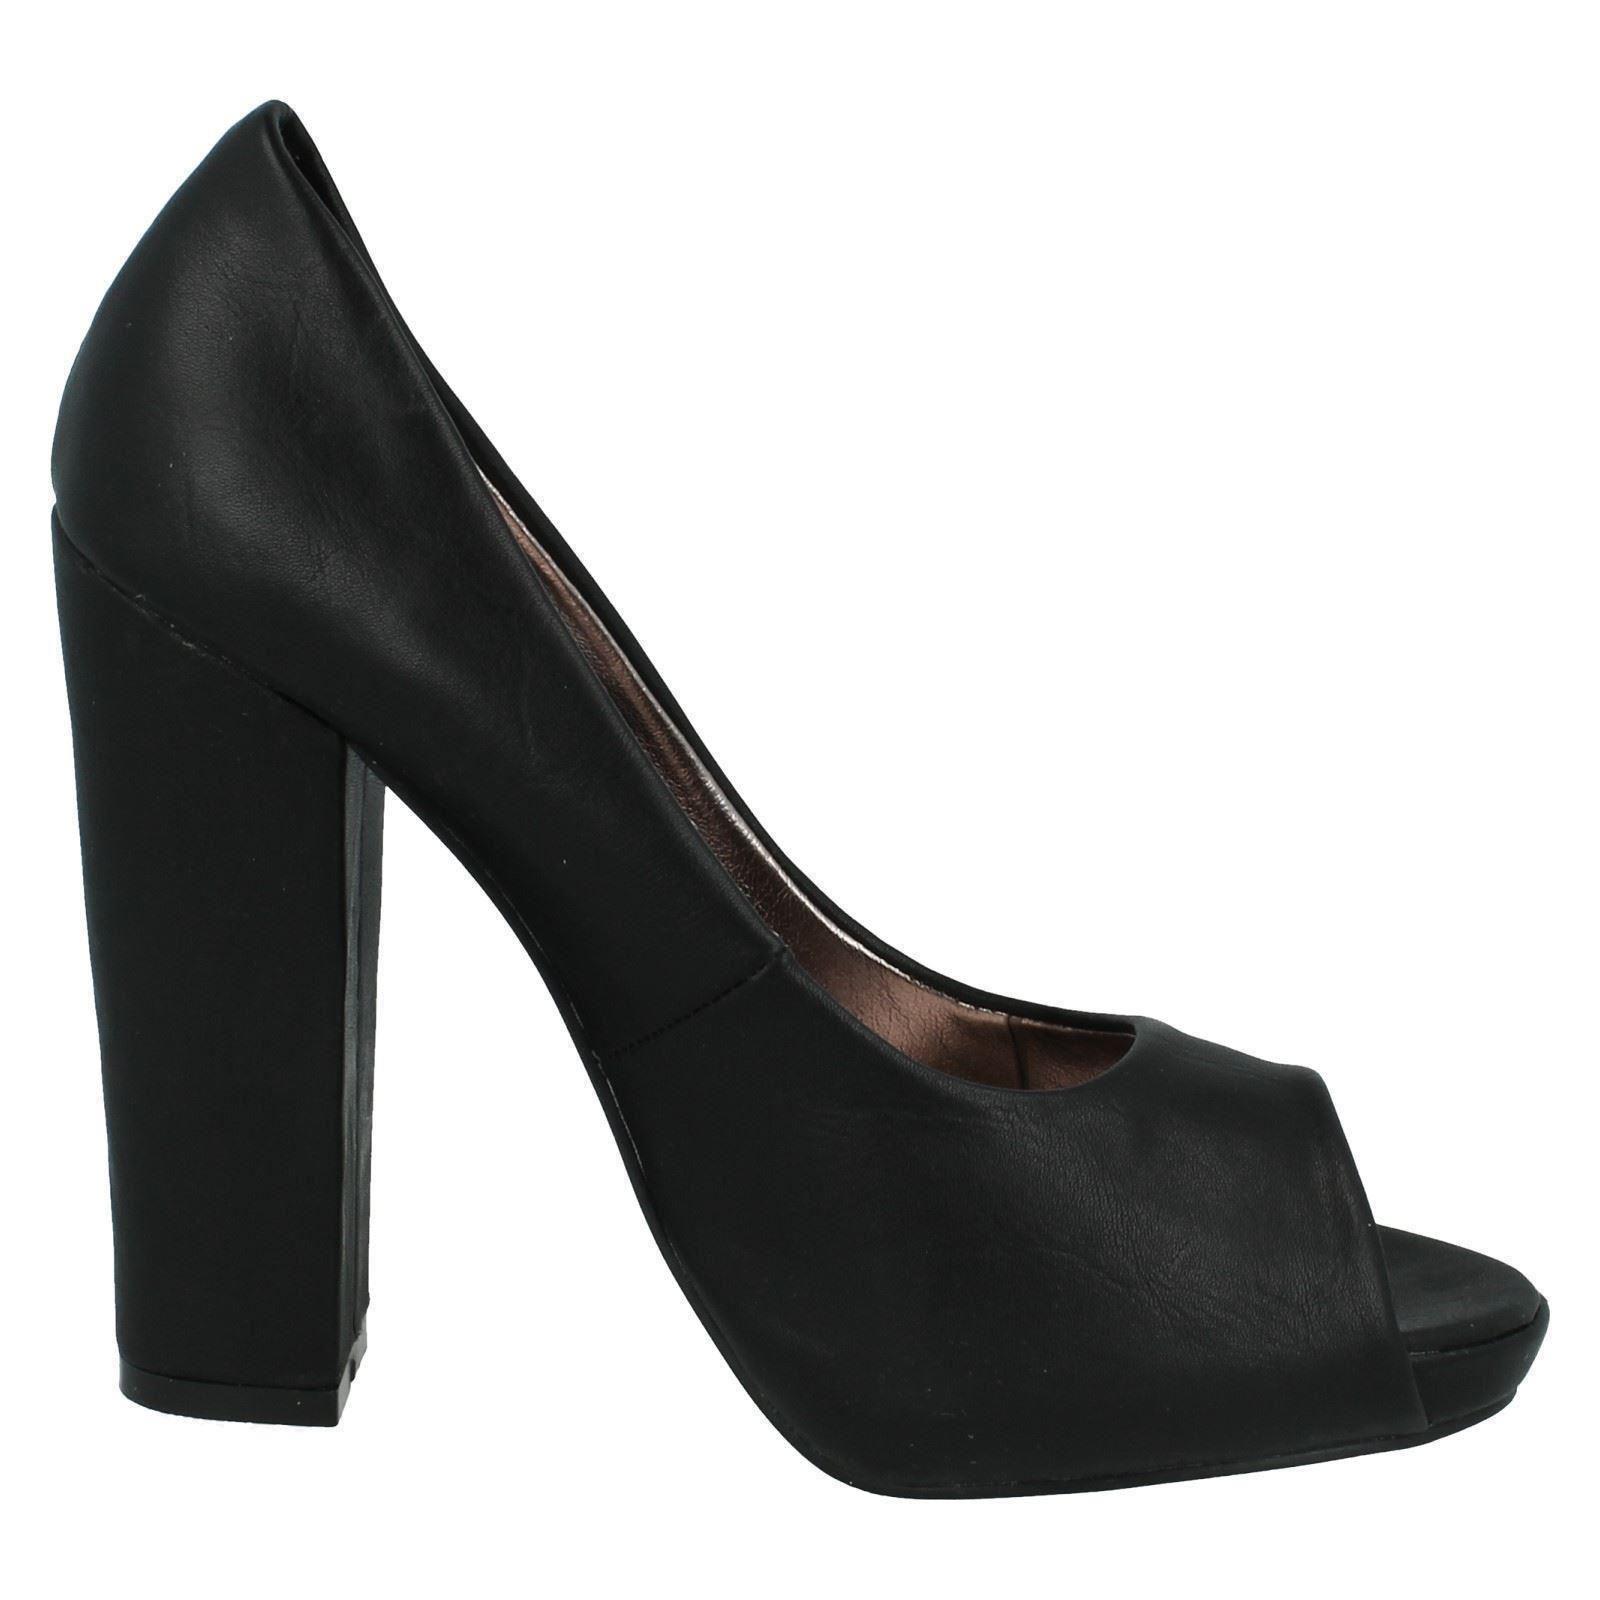 Señoras de punto en Zapatos Tenis Etiqueta f1916